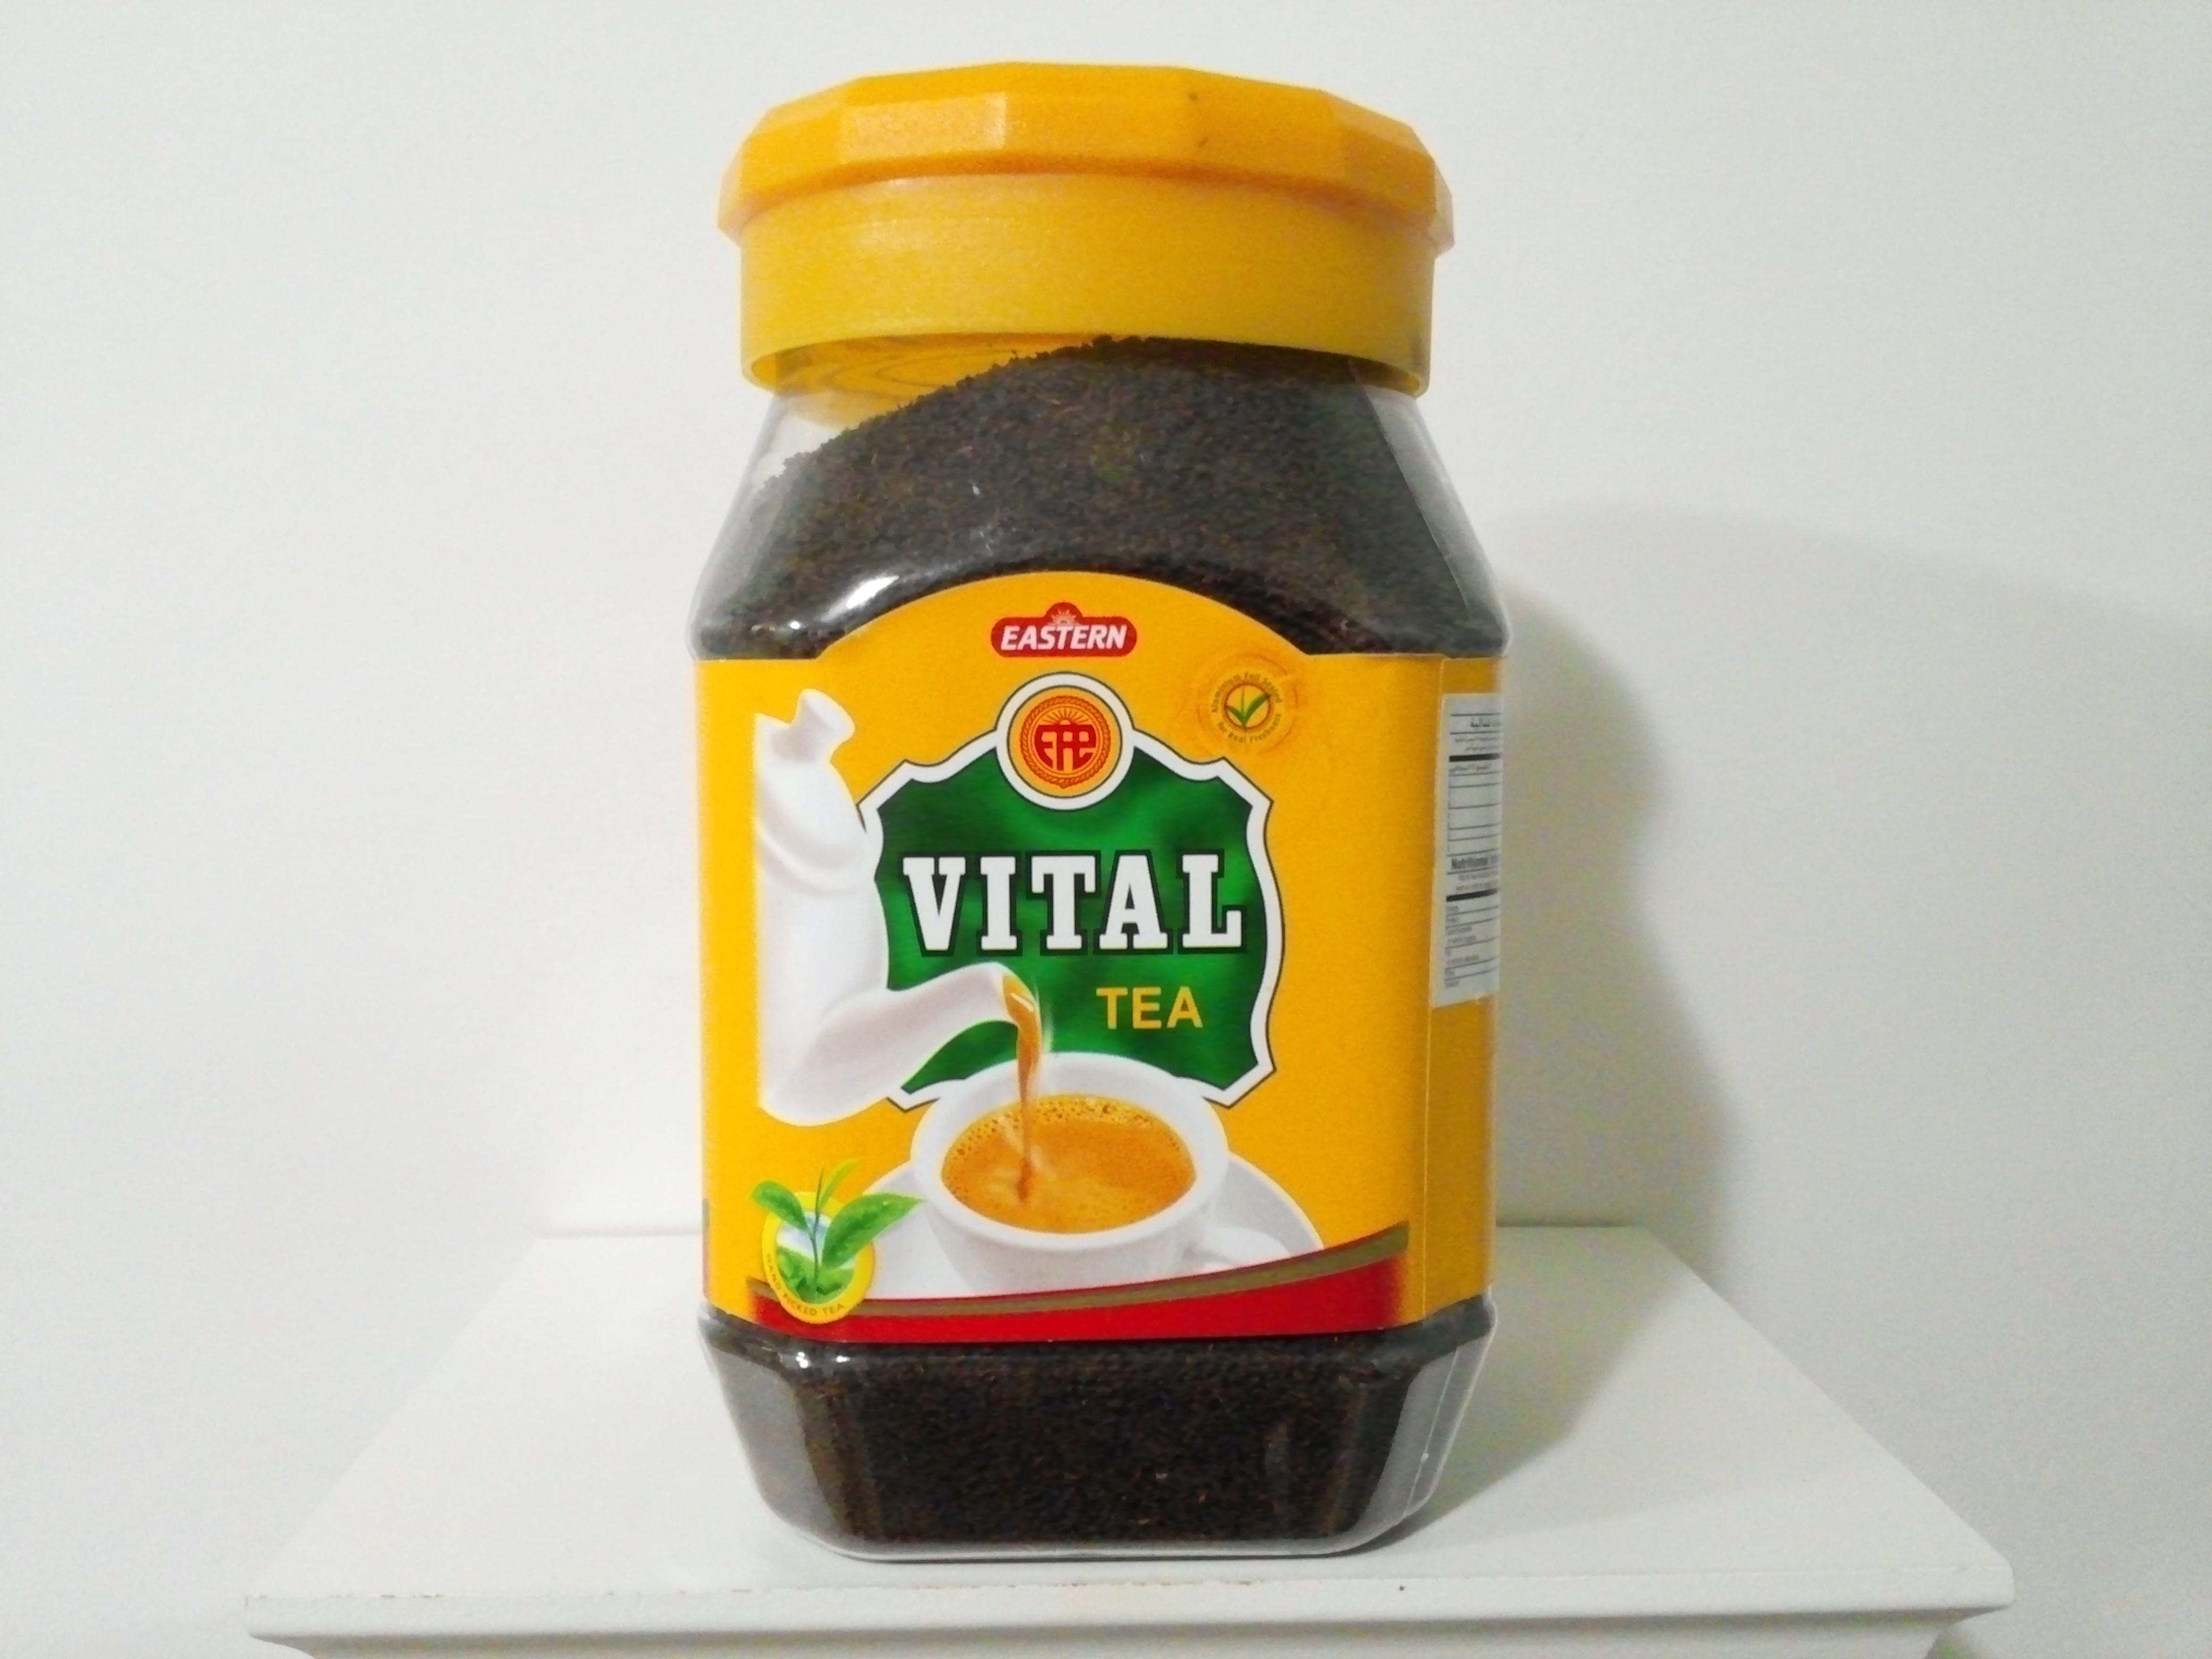 Vital Tea 450 grm Jar